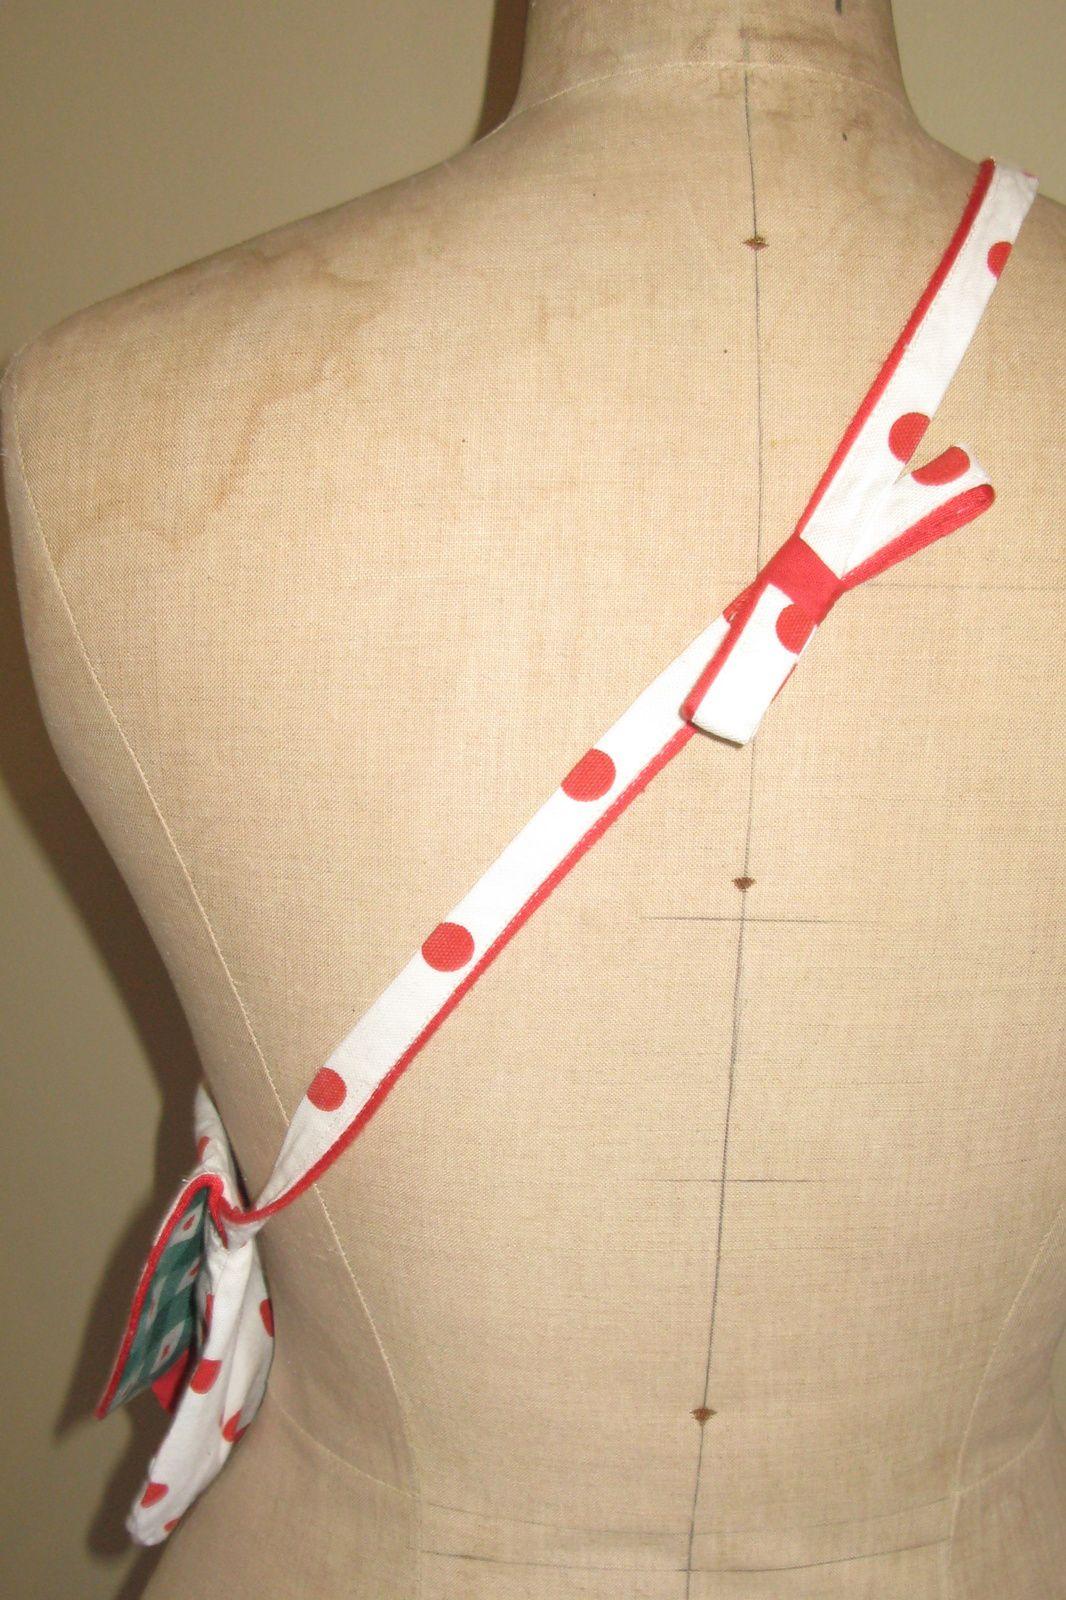 sac a main blanc pois rouge- interieur vichy vert a coeur- creation charlotteblabla